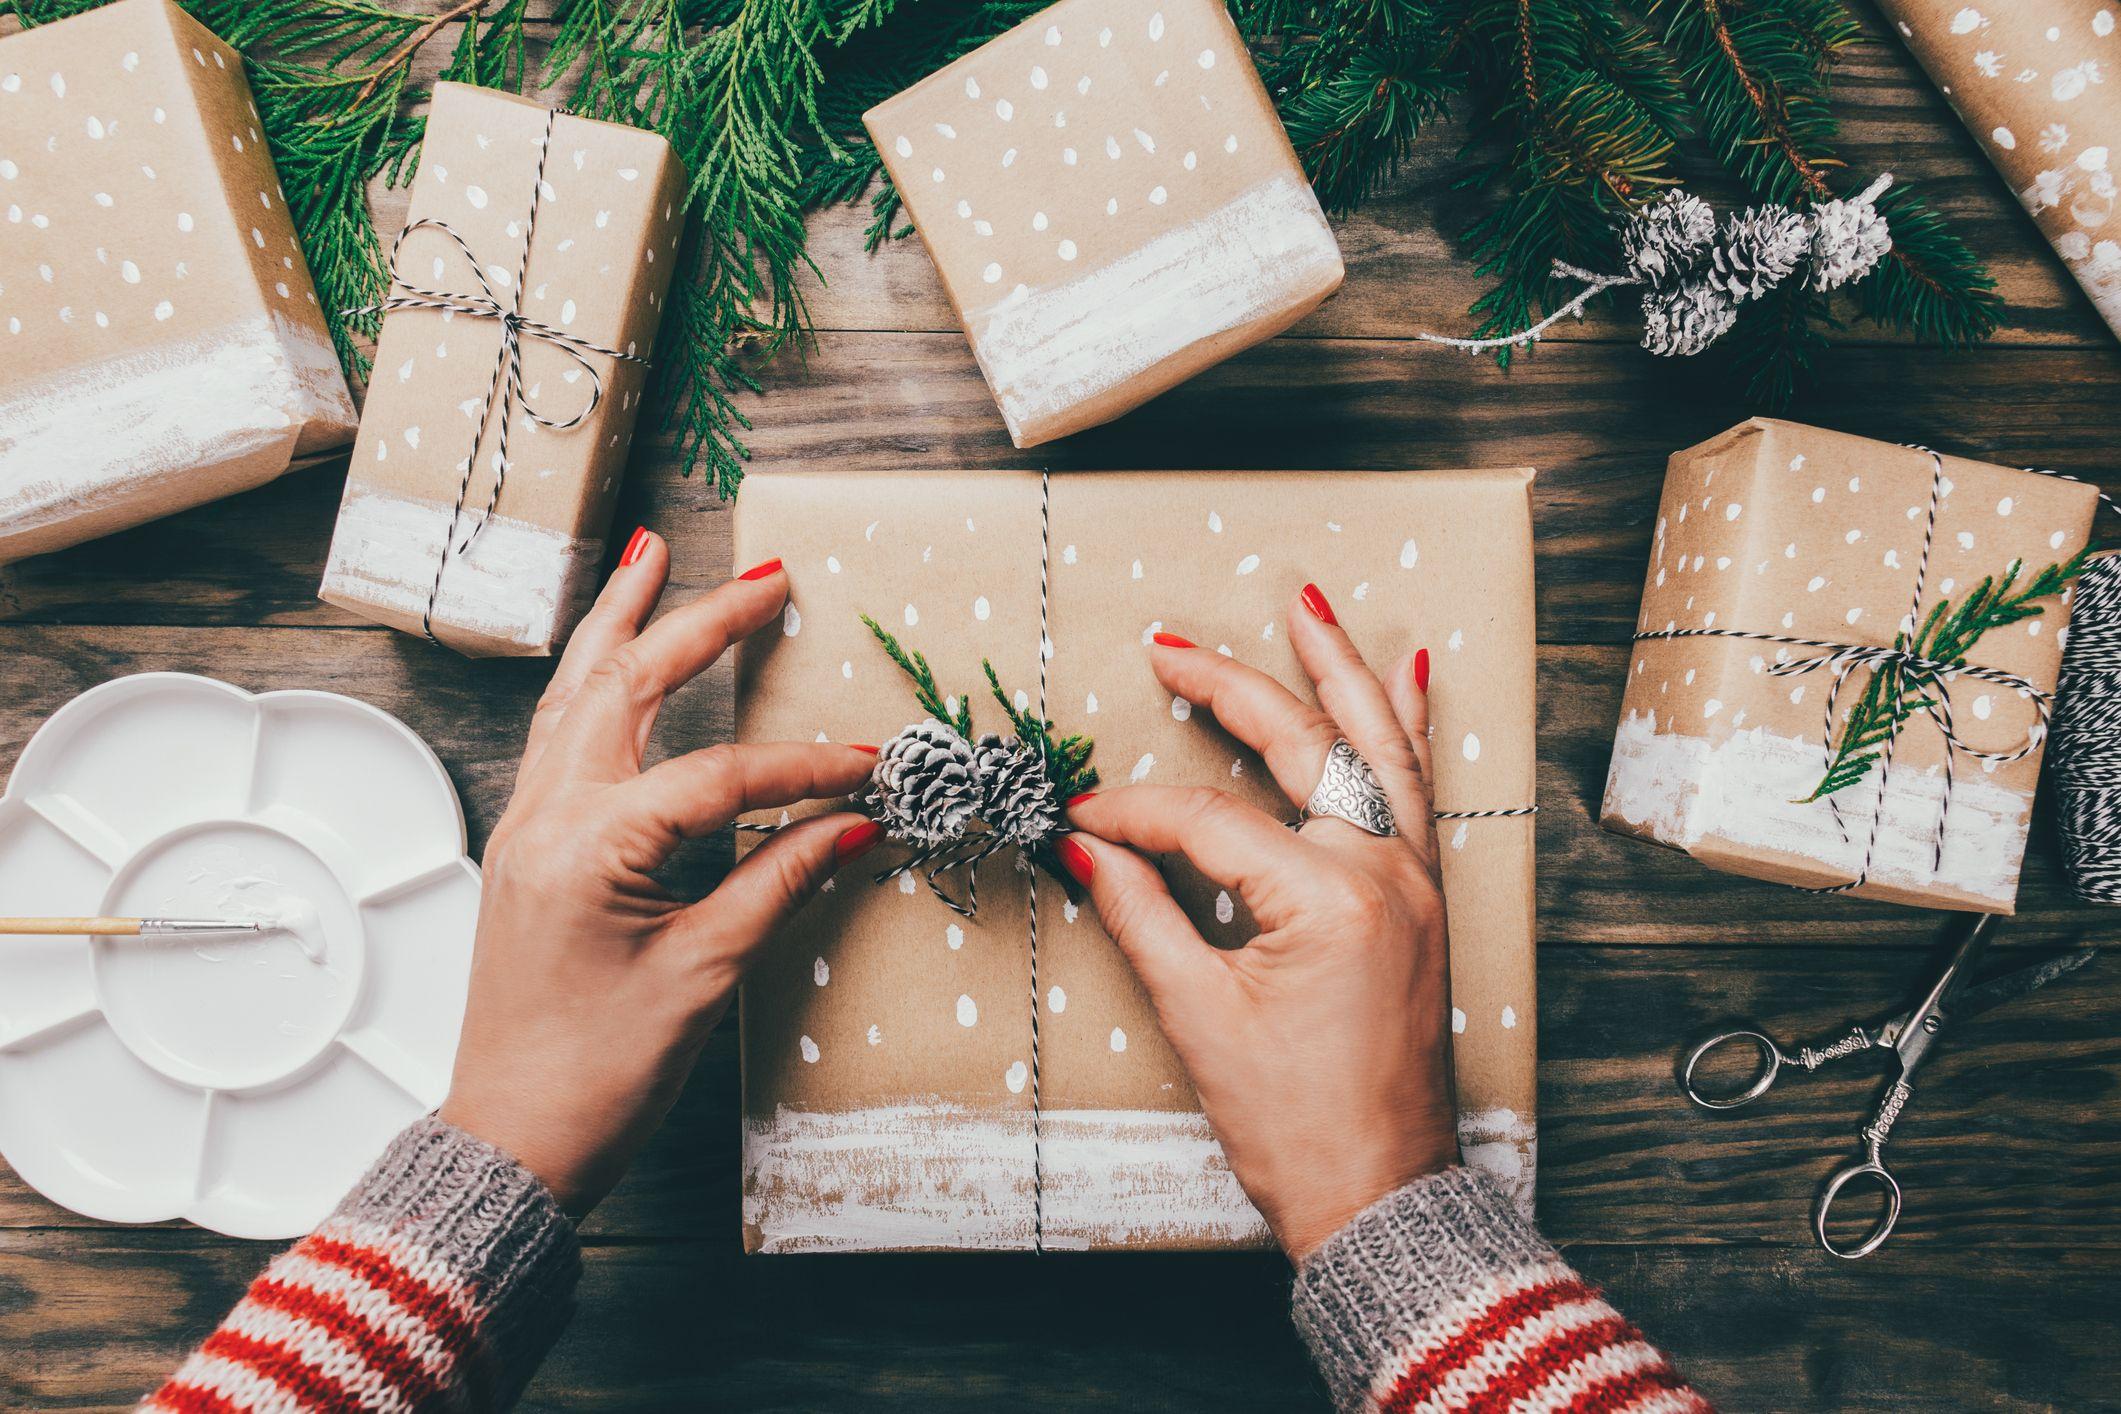 Christmas gift 2019 philippines hurricane